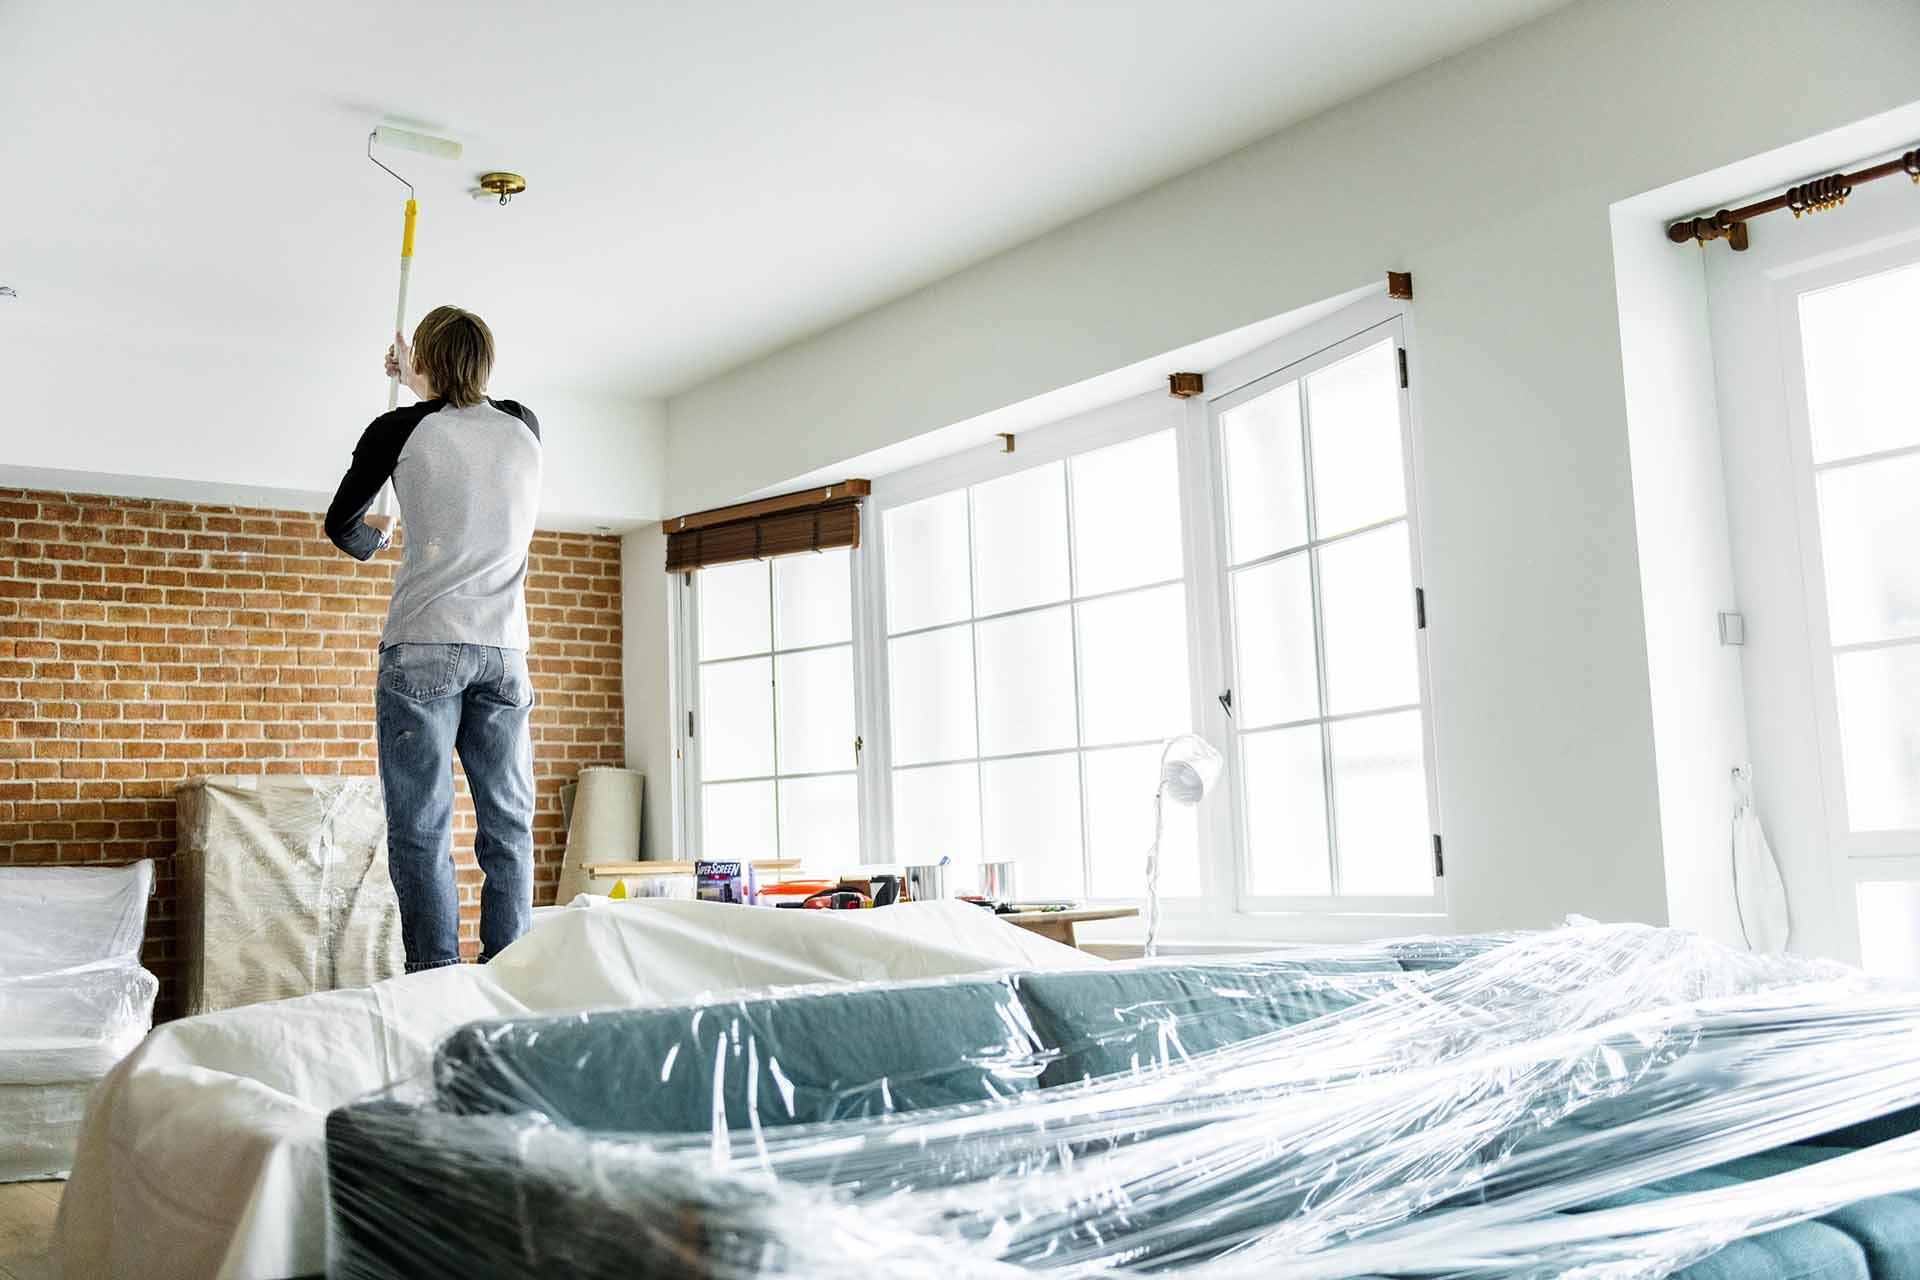 How do you renovate a small condo?